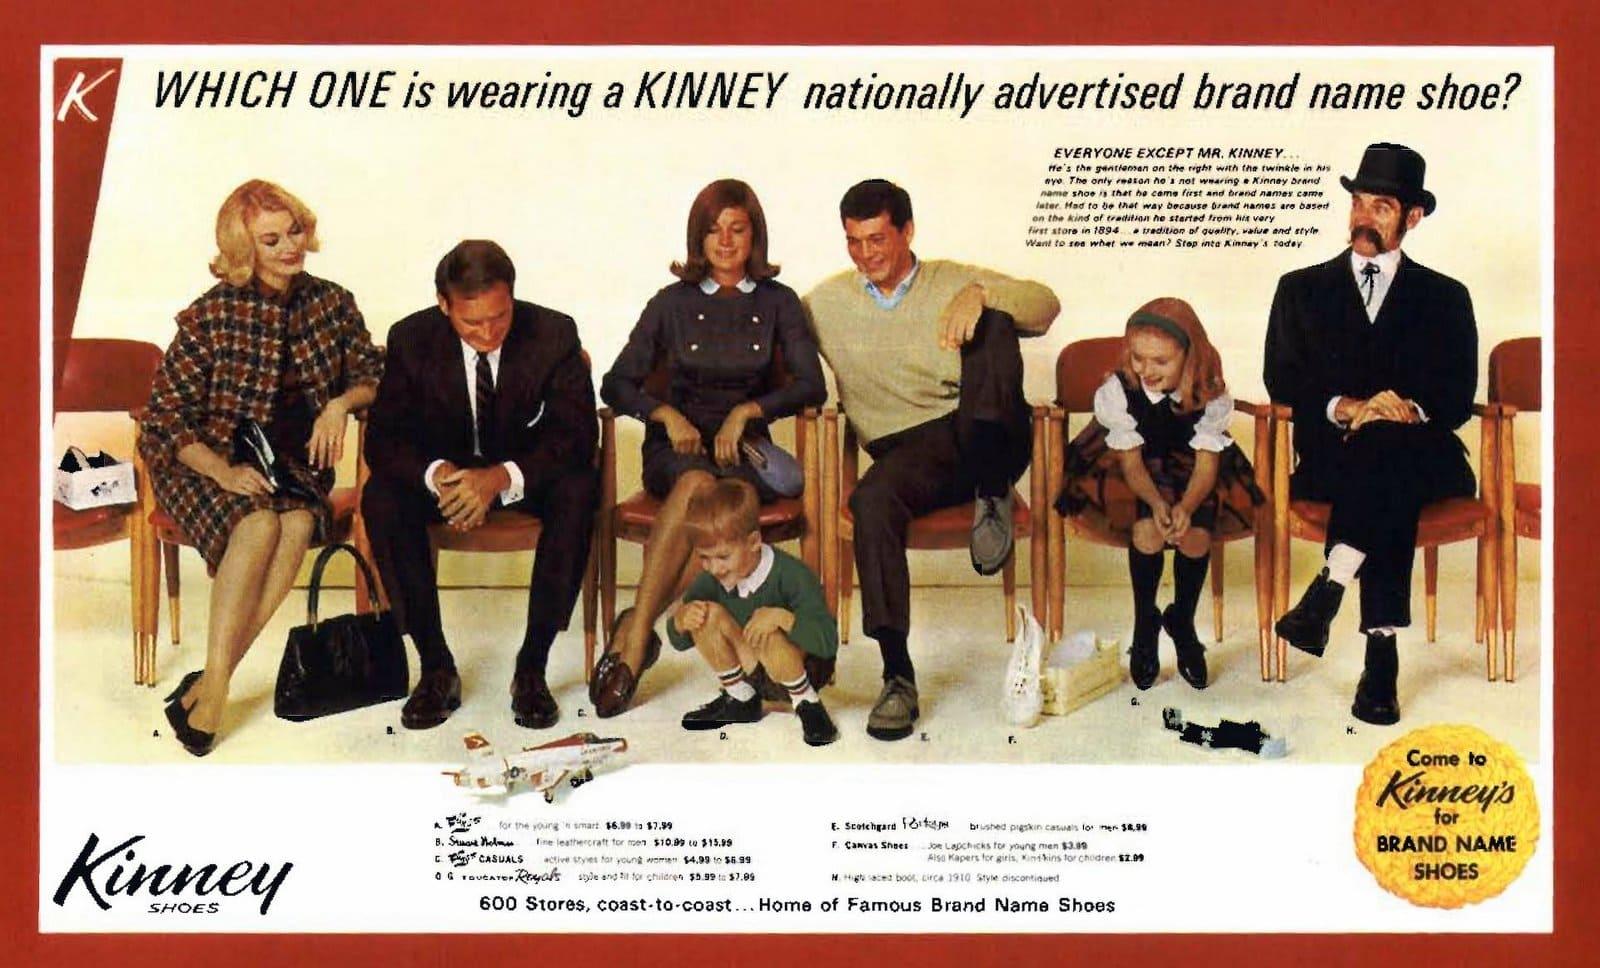 Kinney shoe styles (1964)